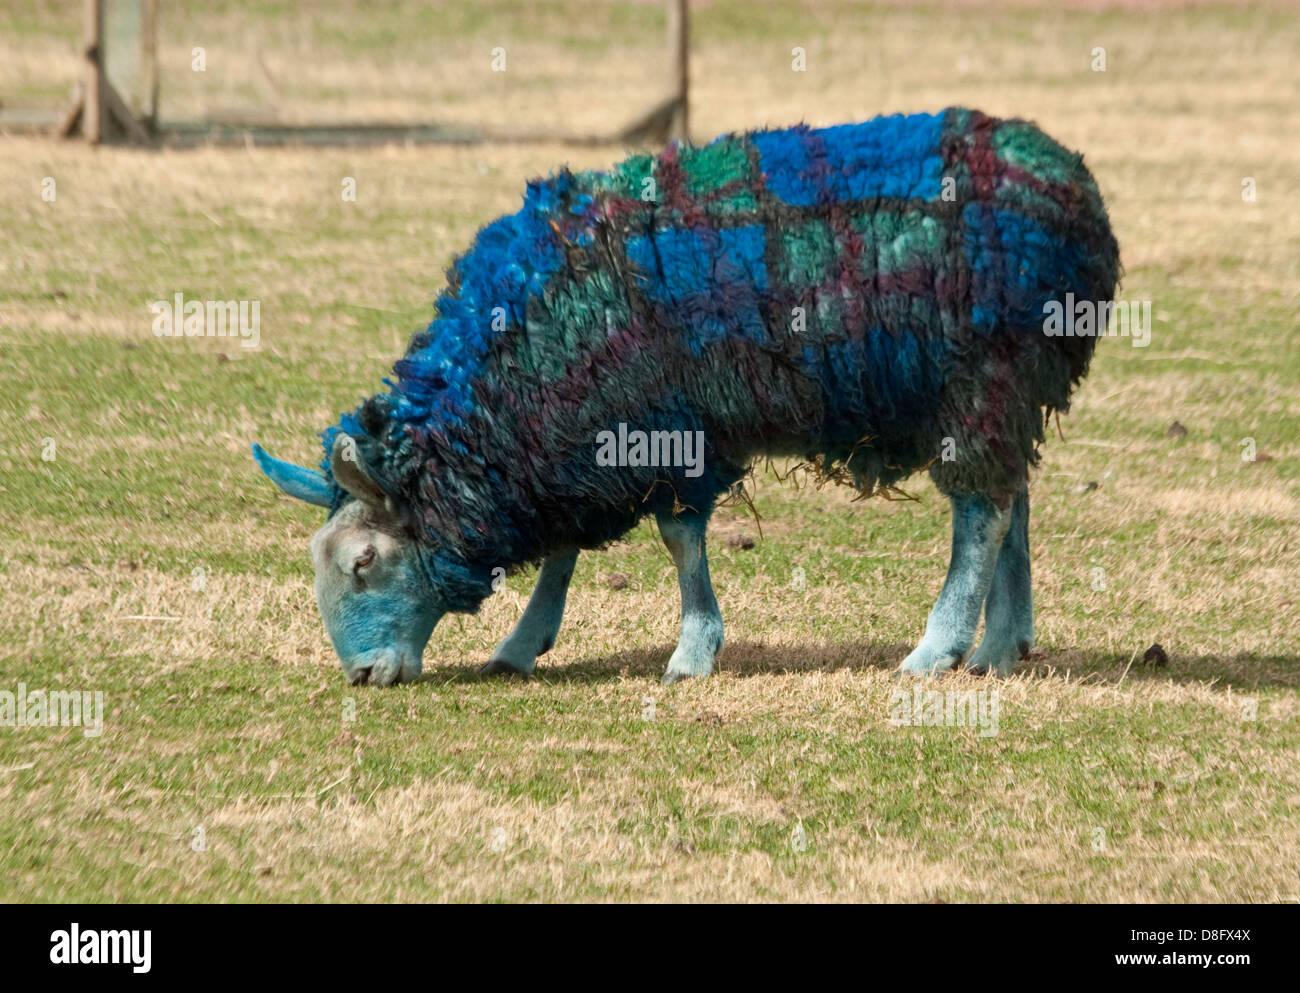 Dyed Tartan Sheep - Stock Image